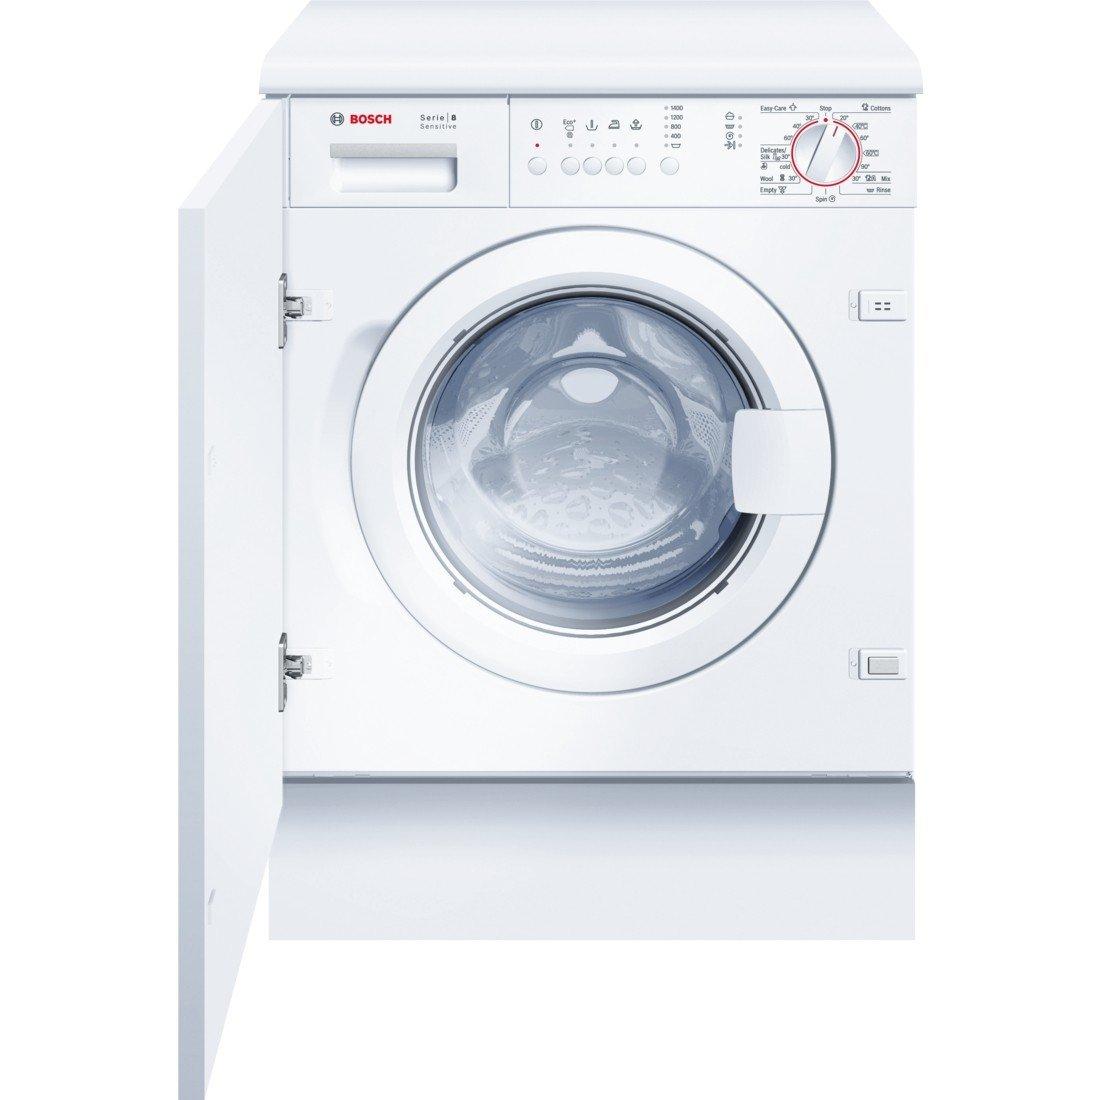 ≡ Пральна машина Bosch WIS28141EU – купити в Києві  4825f6e07812e